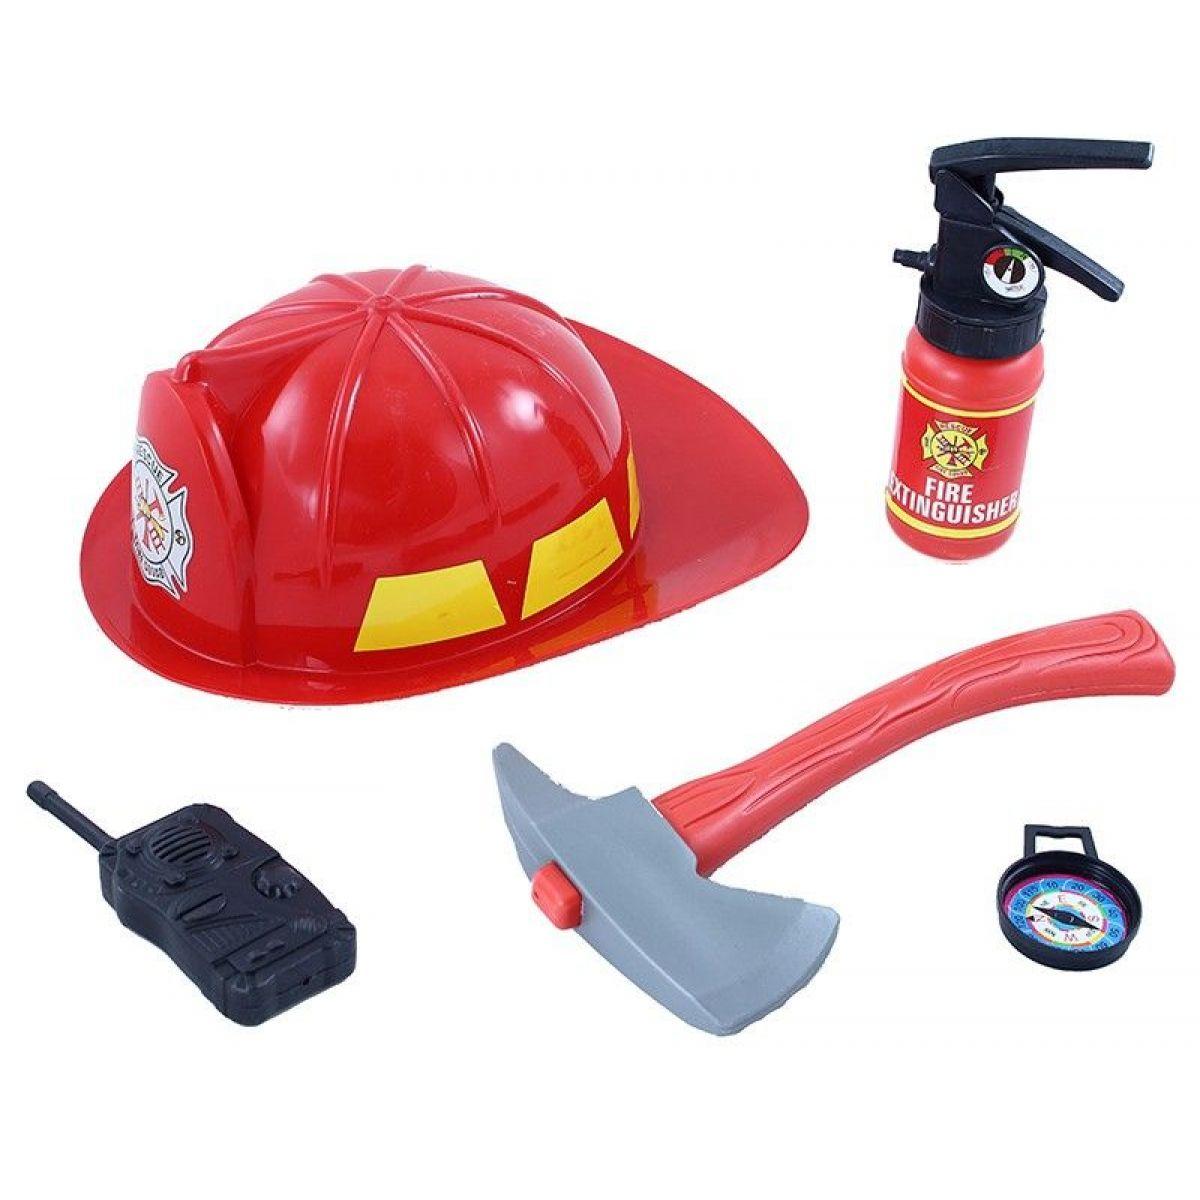 Rappa Sada hasičská prilba s príslušenstvom